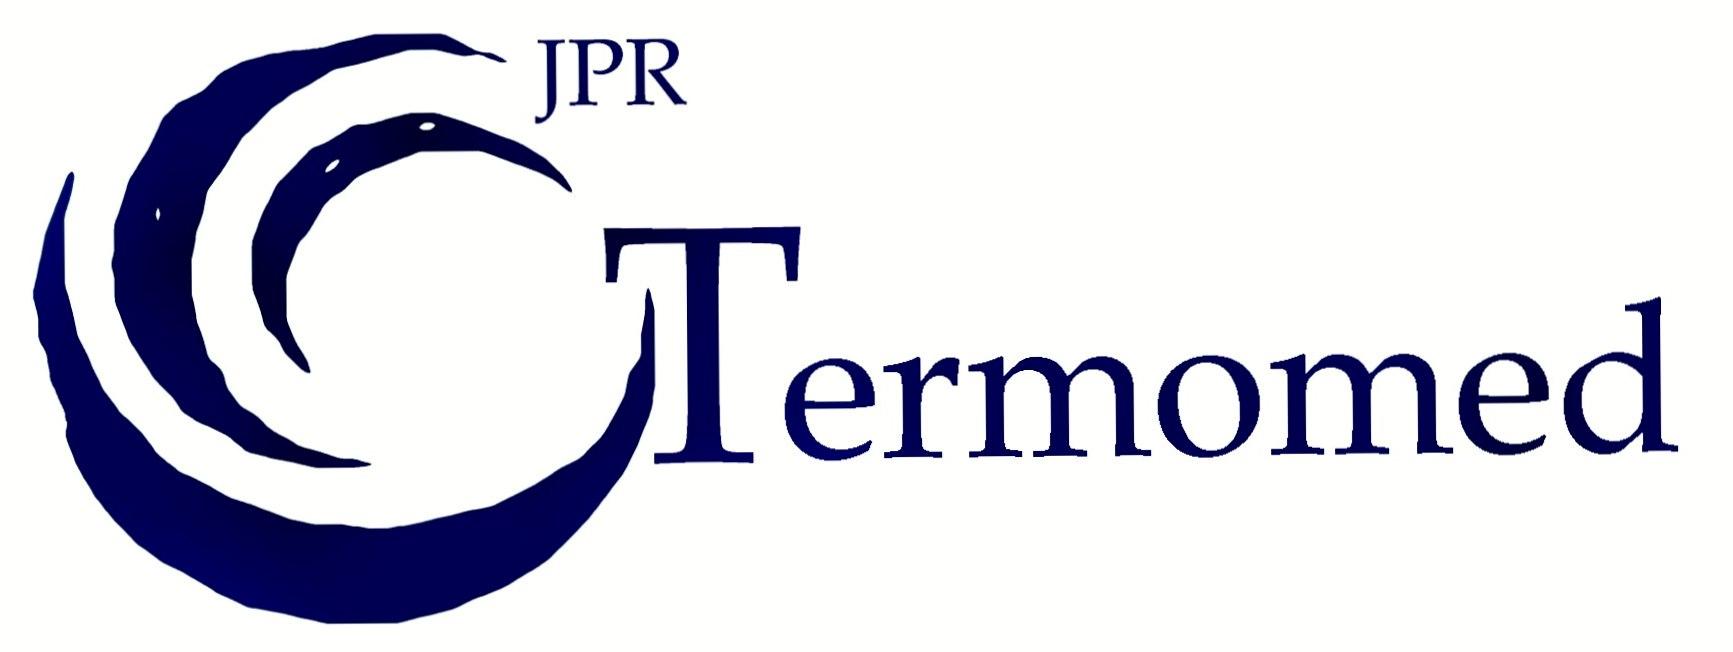 JPR termomed SL